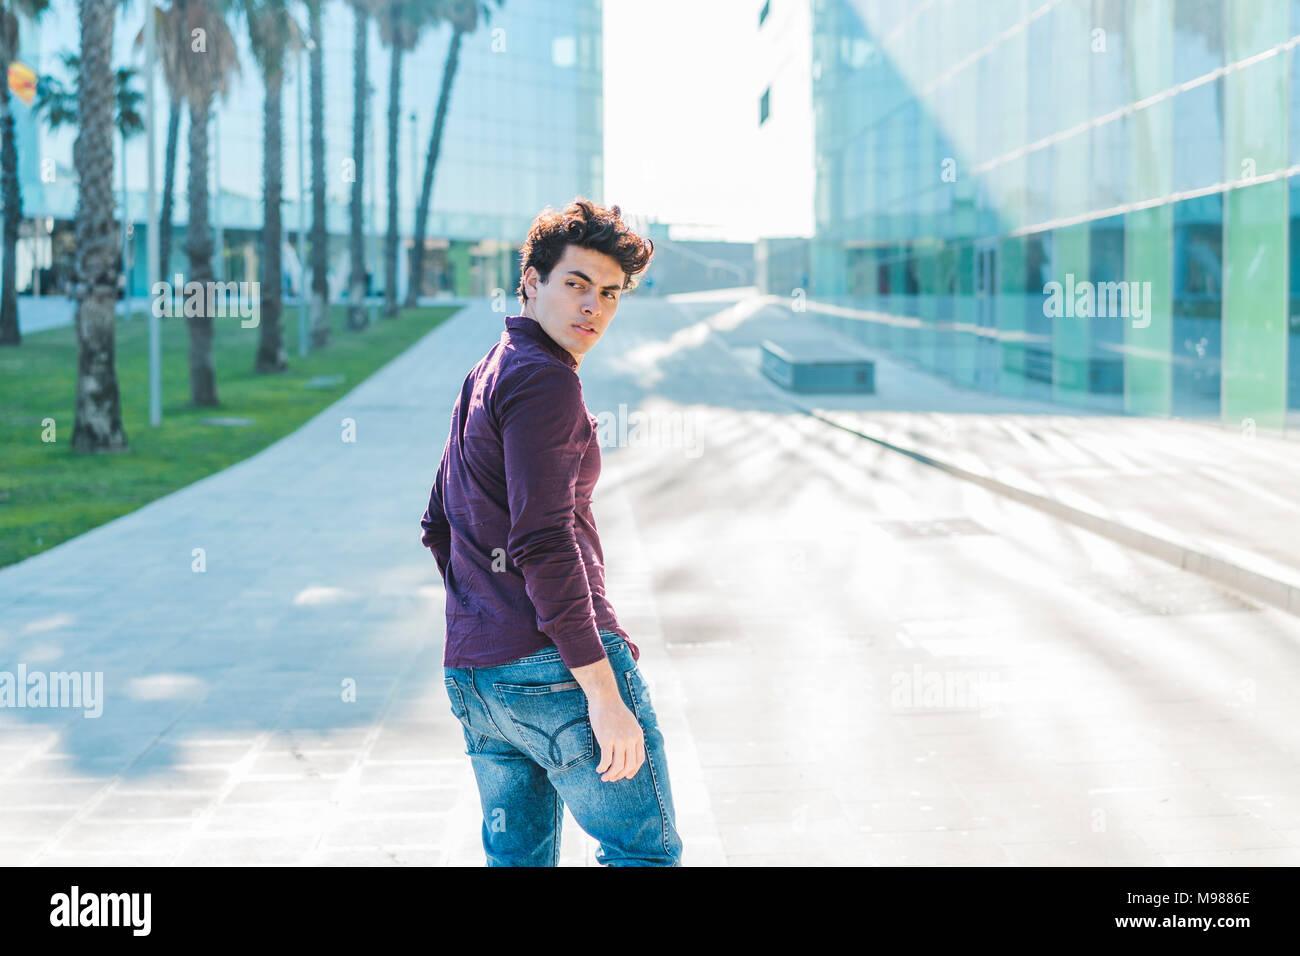 Ernsthaften jungen Mann zu Fuß in der Stadt drehen Stockfoto